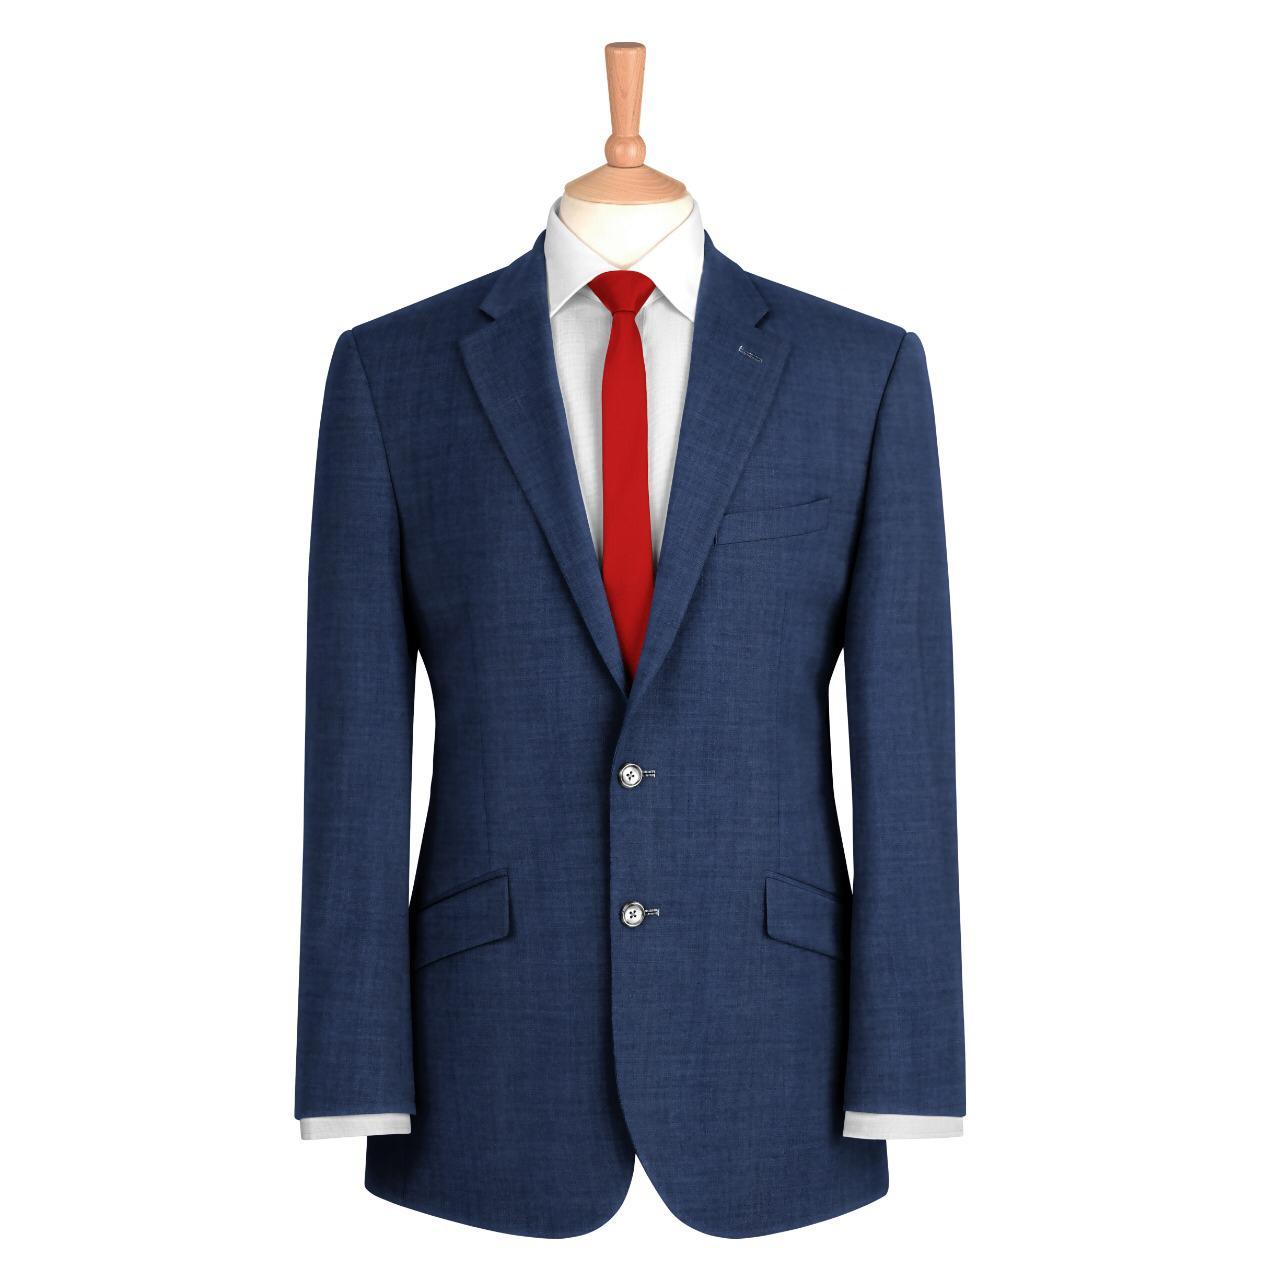 Navy Blue Plain Suit